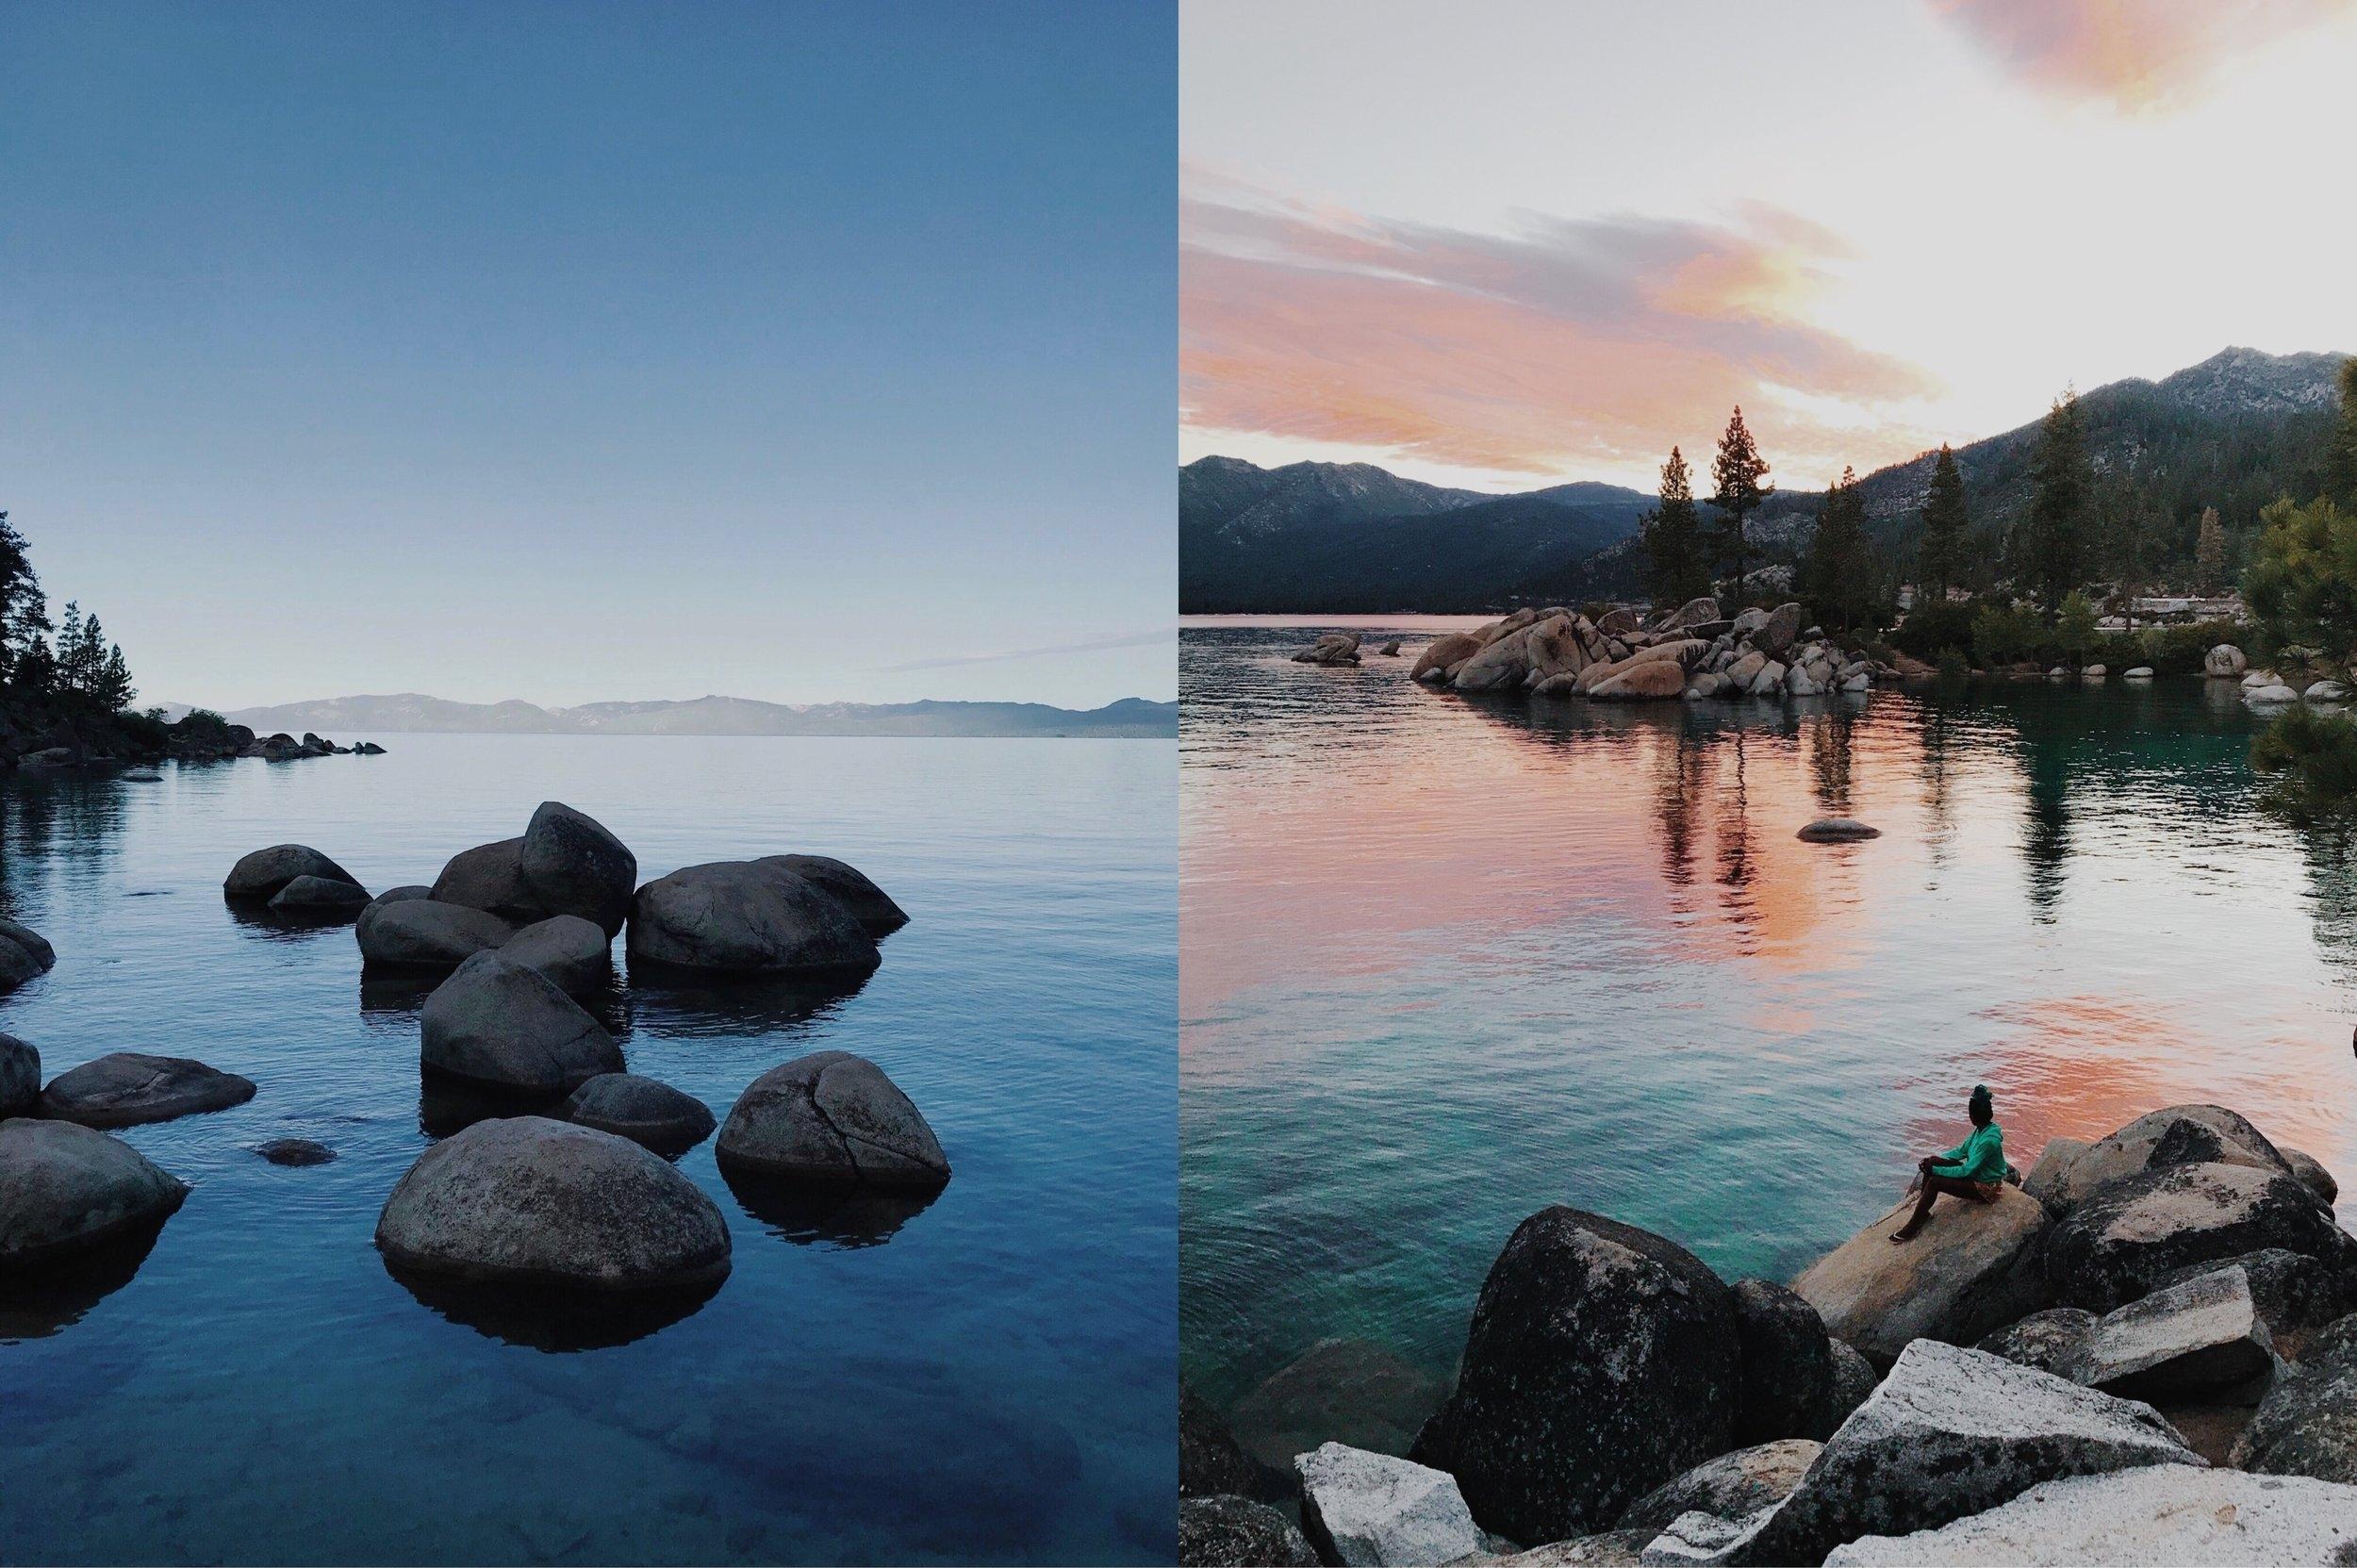 lake tahoe does blue hour + sunrise gorgeously.